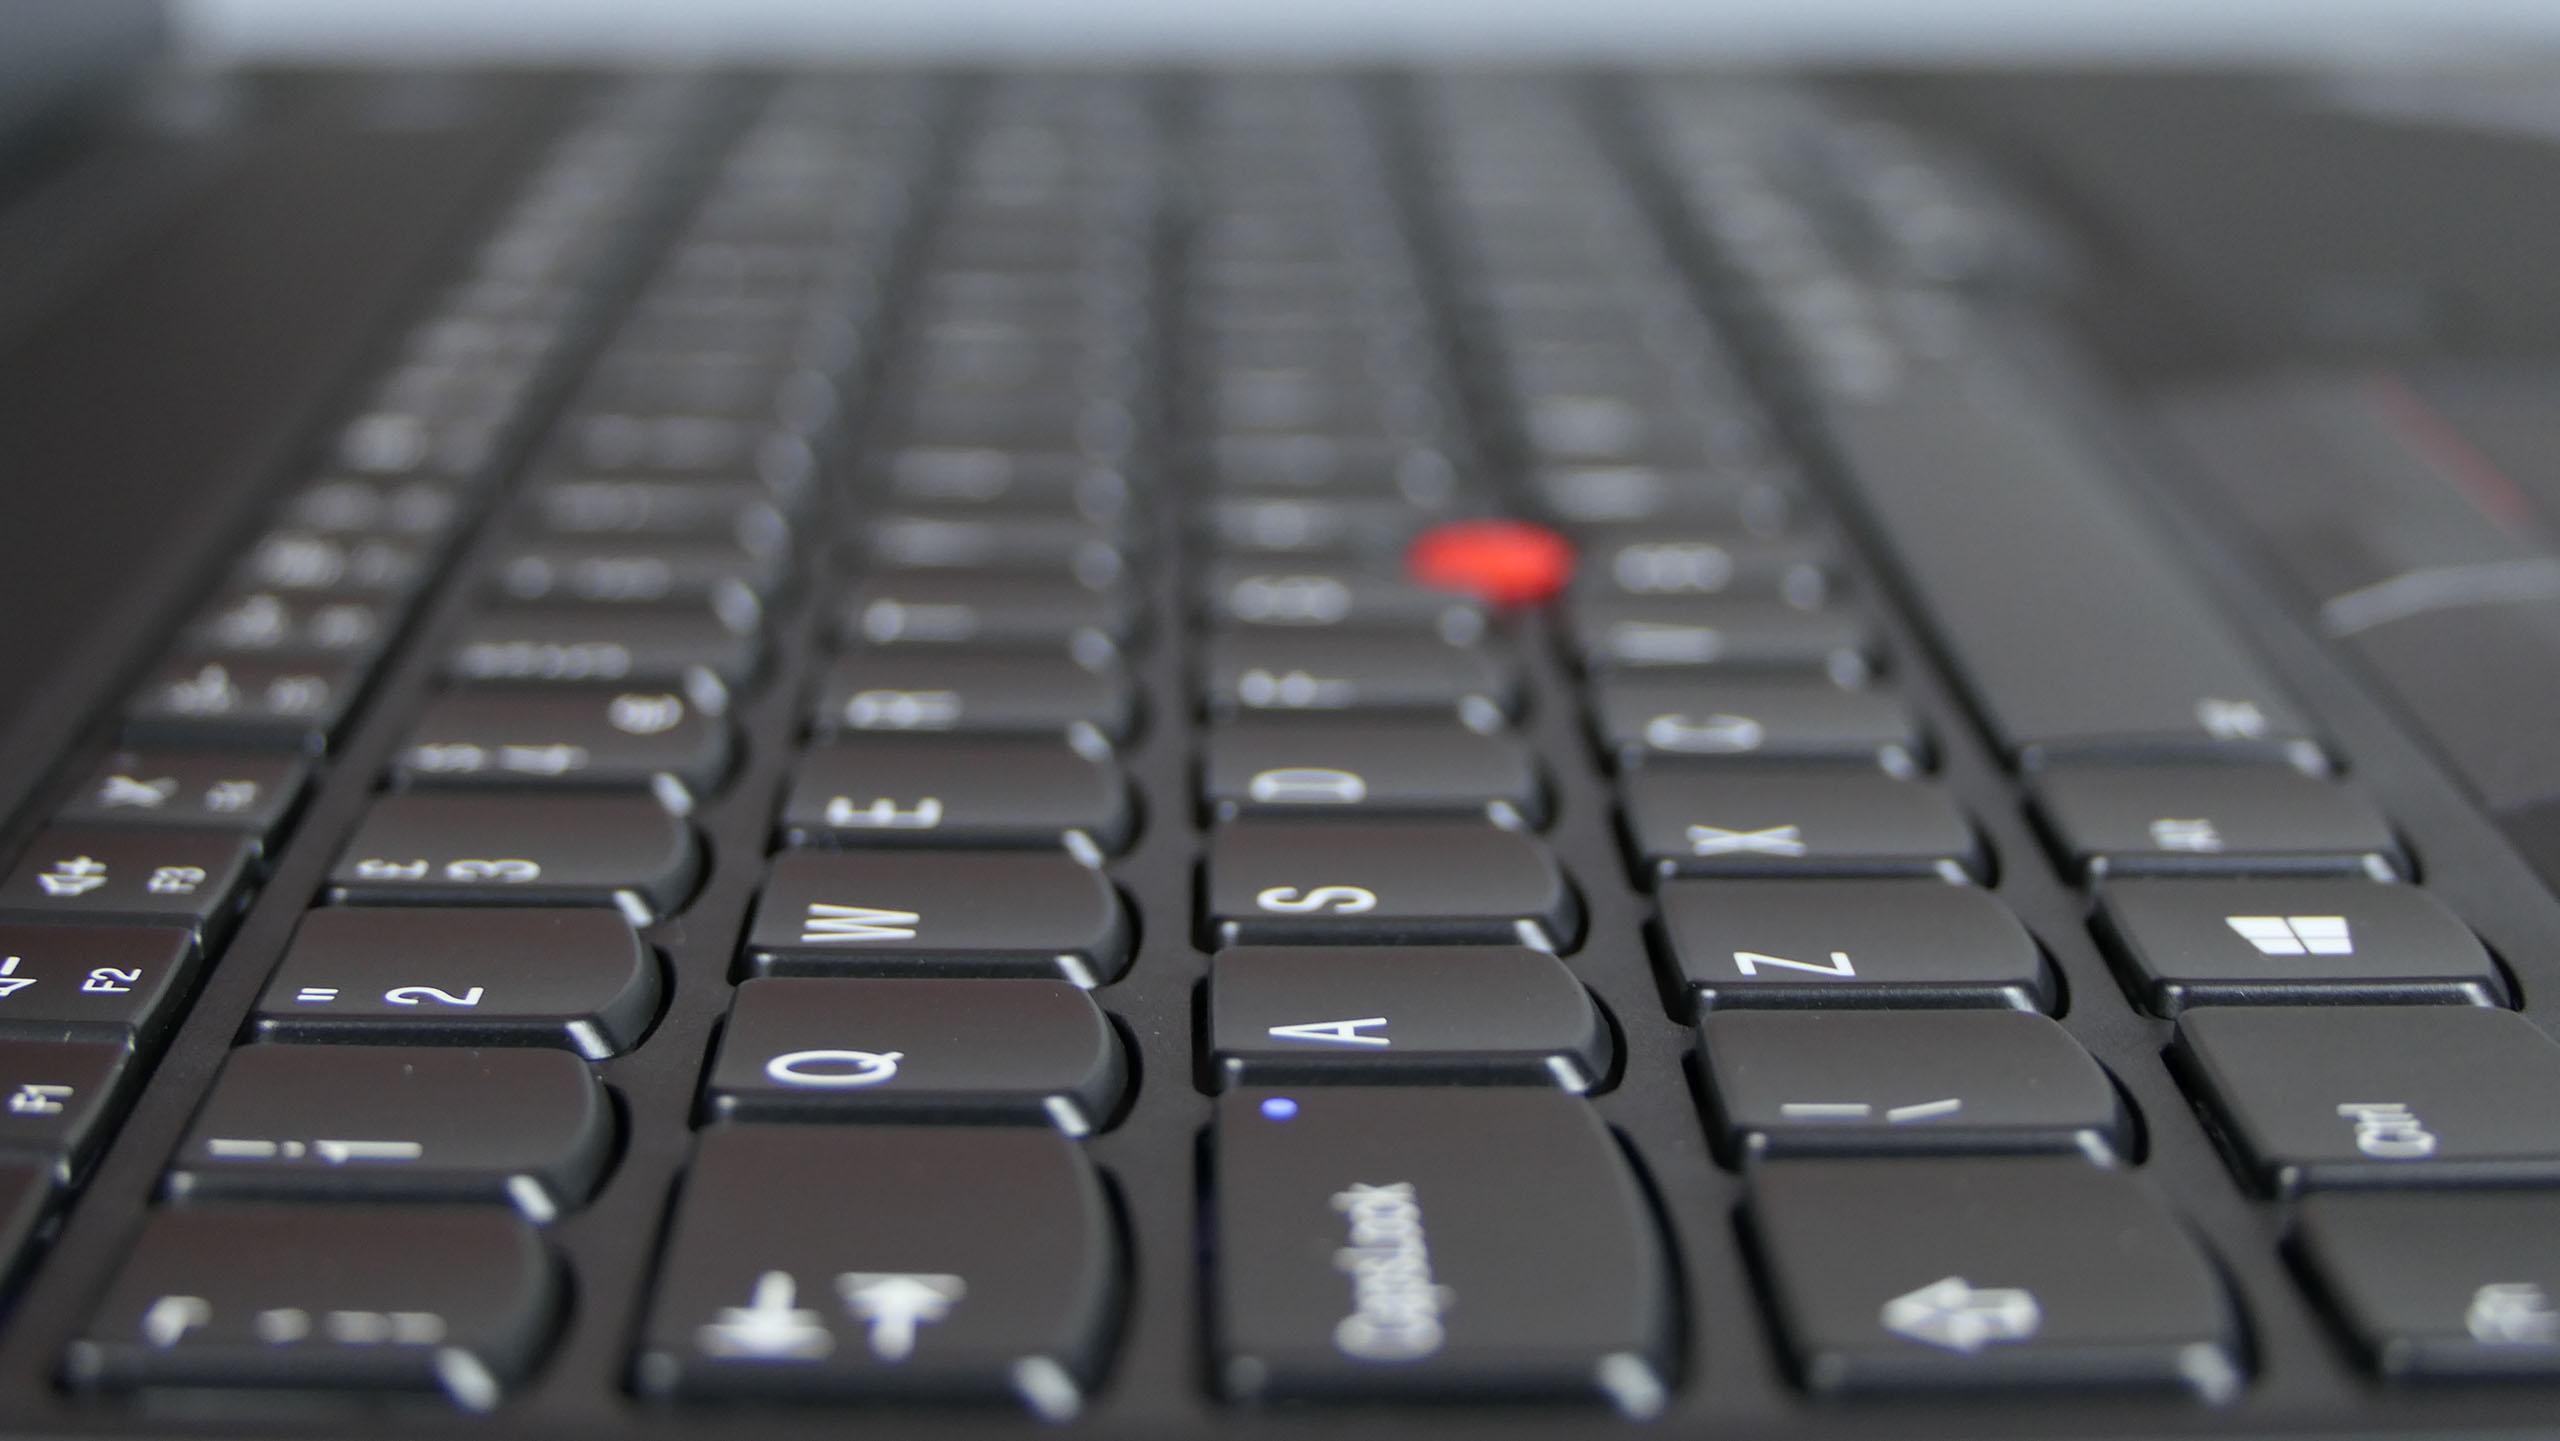 Lenovo ThinkPad P53s - klawiatura wyspowa